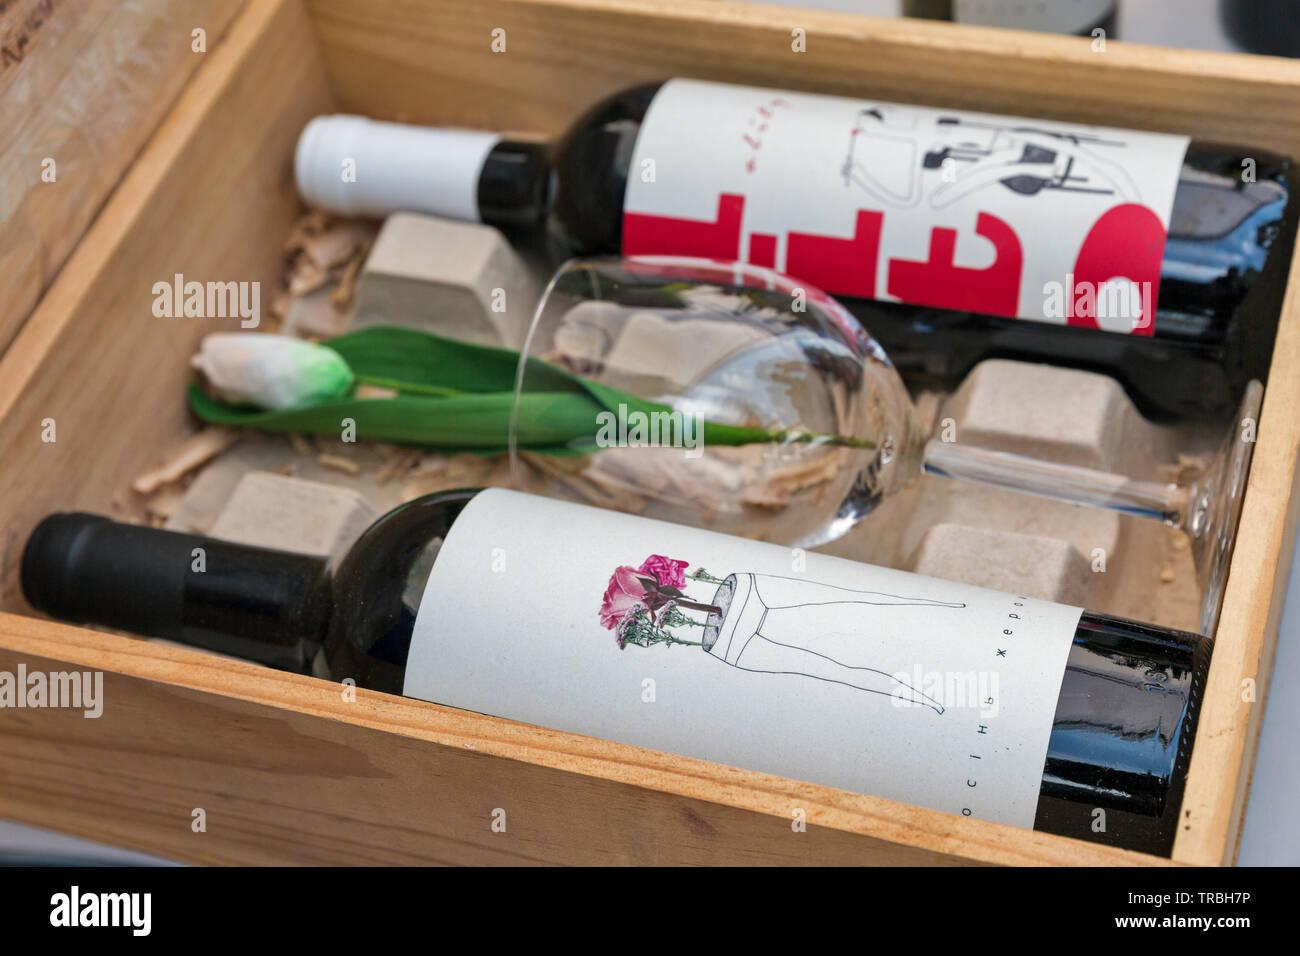 Kiev, UKRAINE - le 21 avril 2019 Design: bouteilles de vin ukrainien au stand durant la nourriture et le vin dans un National Expocentre, multi-usage permanent Banque D'Images